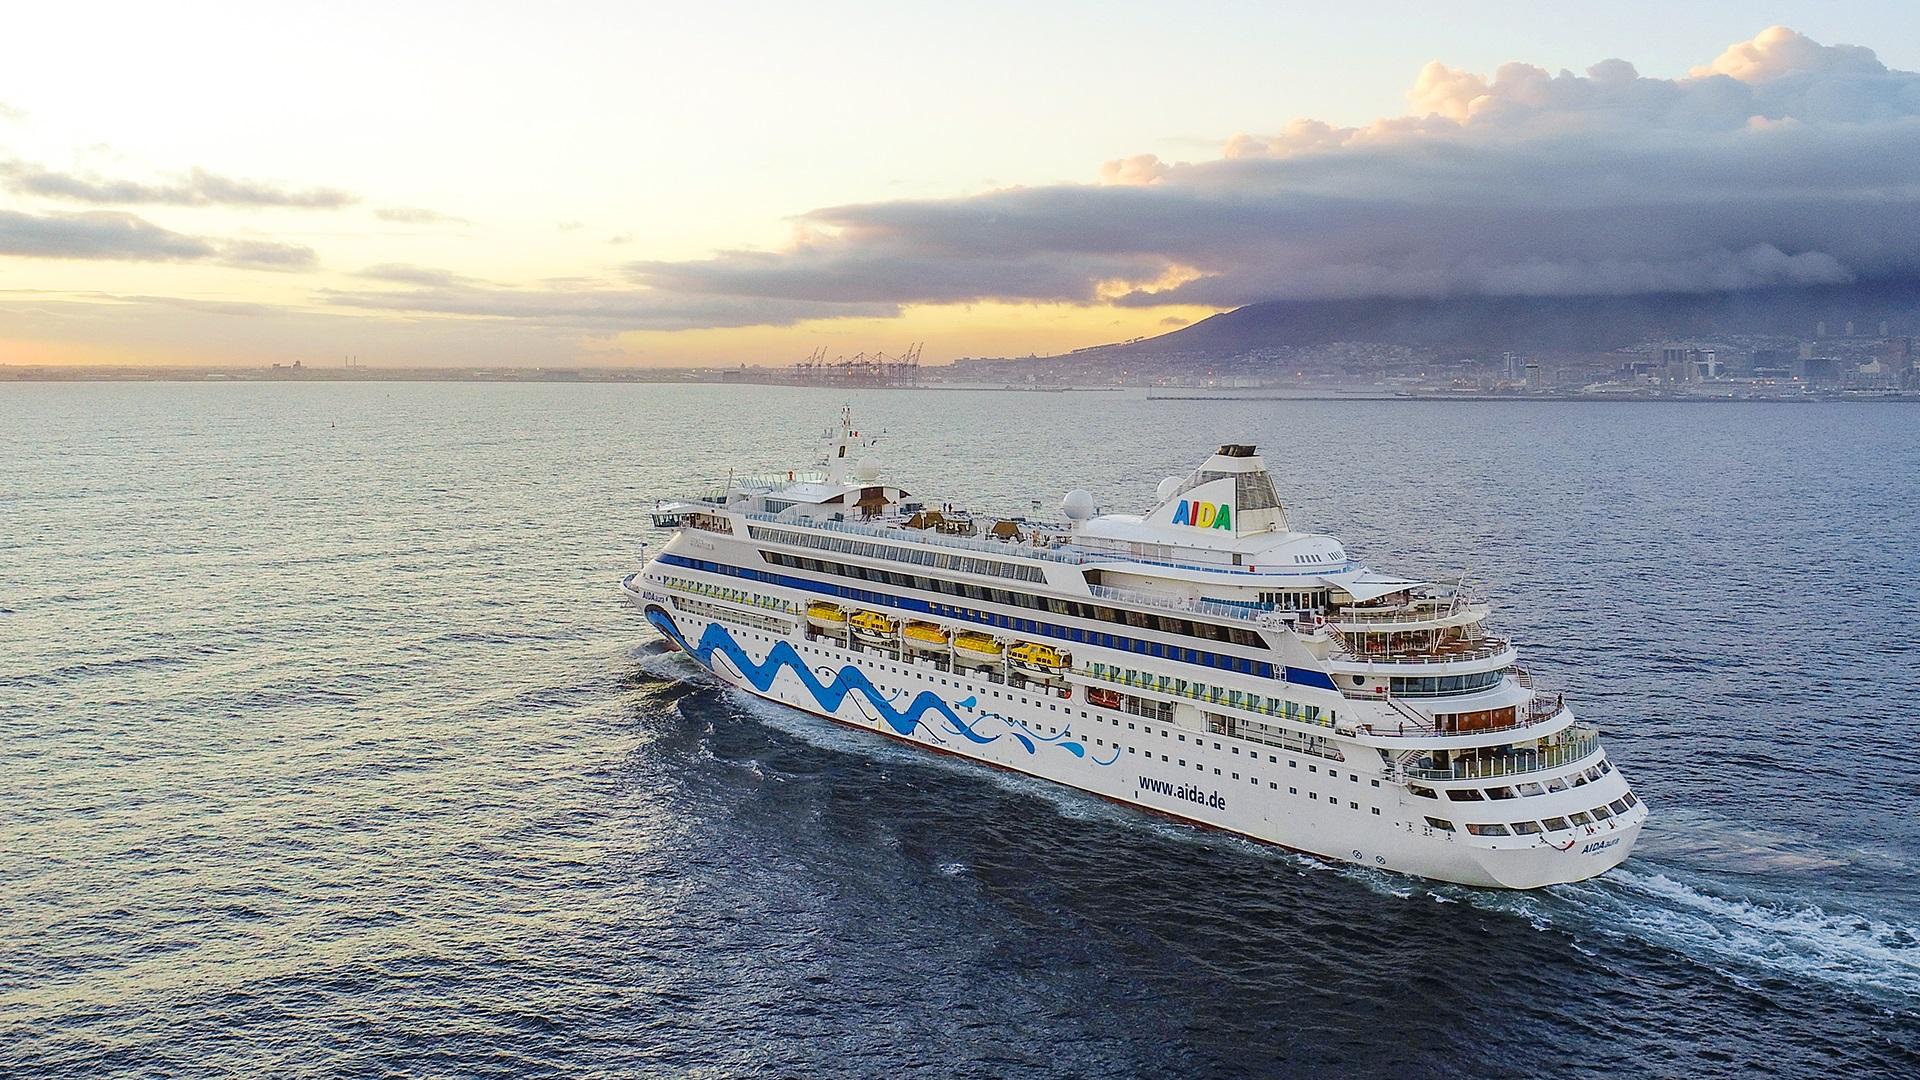 Als erstes Schiff der AIDA-Flotte hat die AIDAaura erstmals Kapstadt erreicht, im Rahmen der 117-tägigen Weltreise, die am 2. Februar 2019 in Hamburg endet.